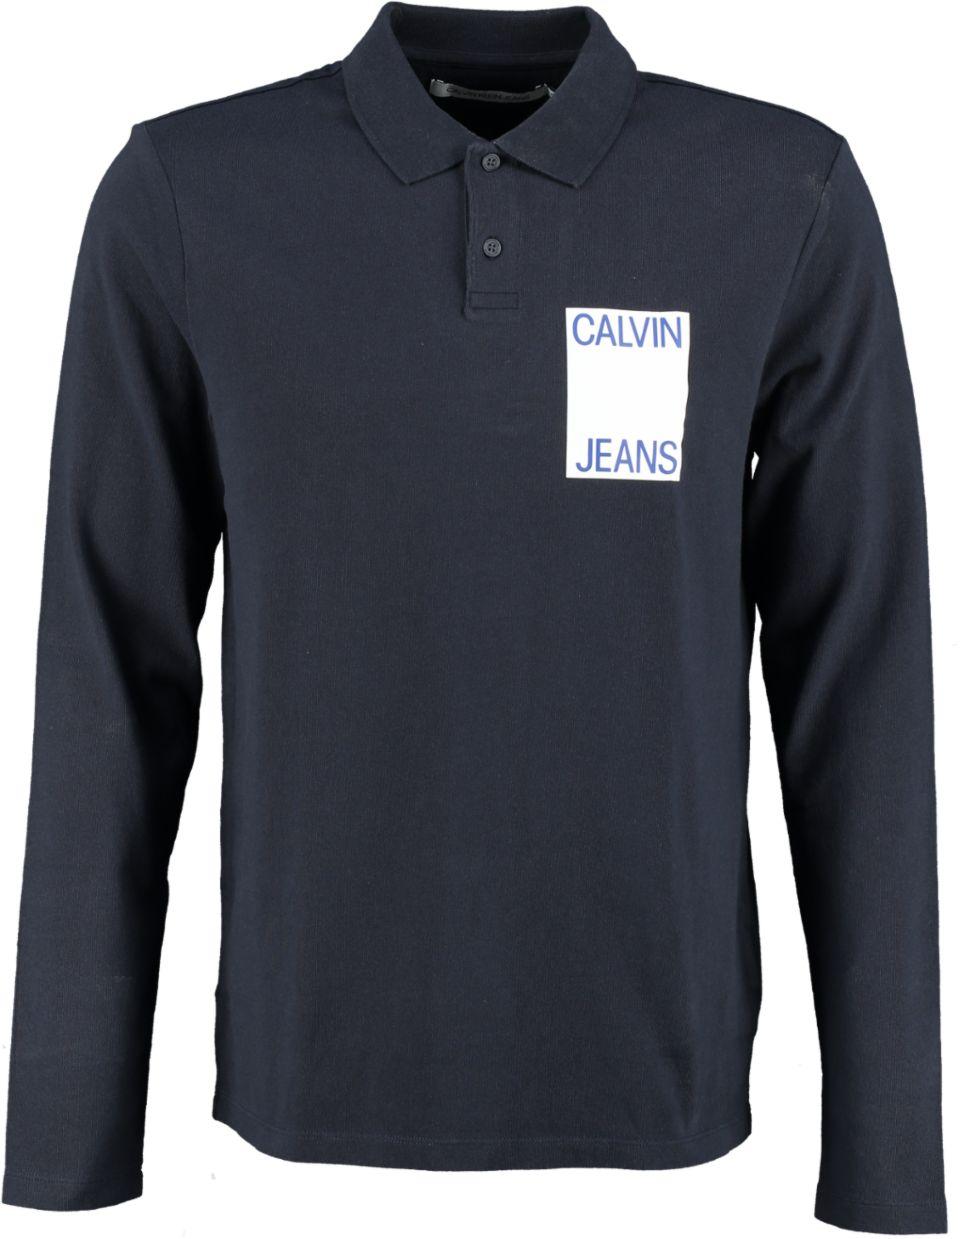 Calvin Klein Poloshirt CALVINJEANS